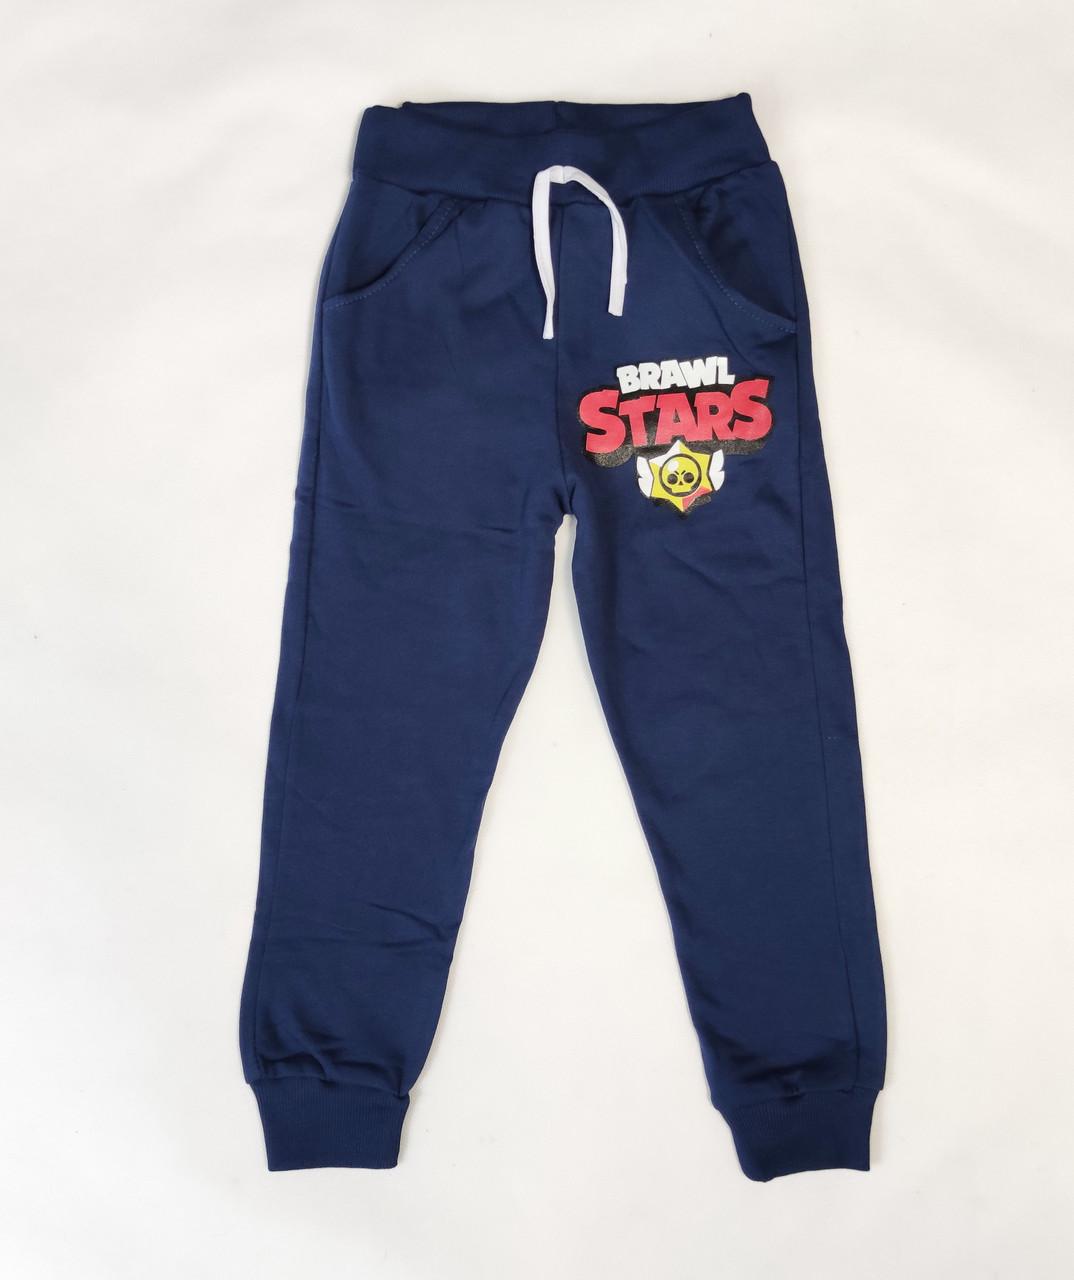 Бравл Старс brawl stars утепленные спортивные теплые штаны для мальчика синие